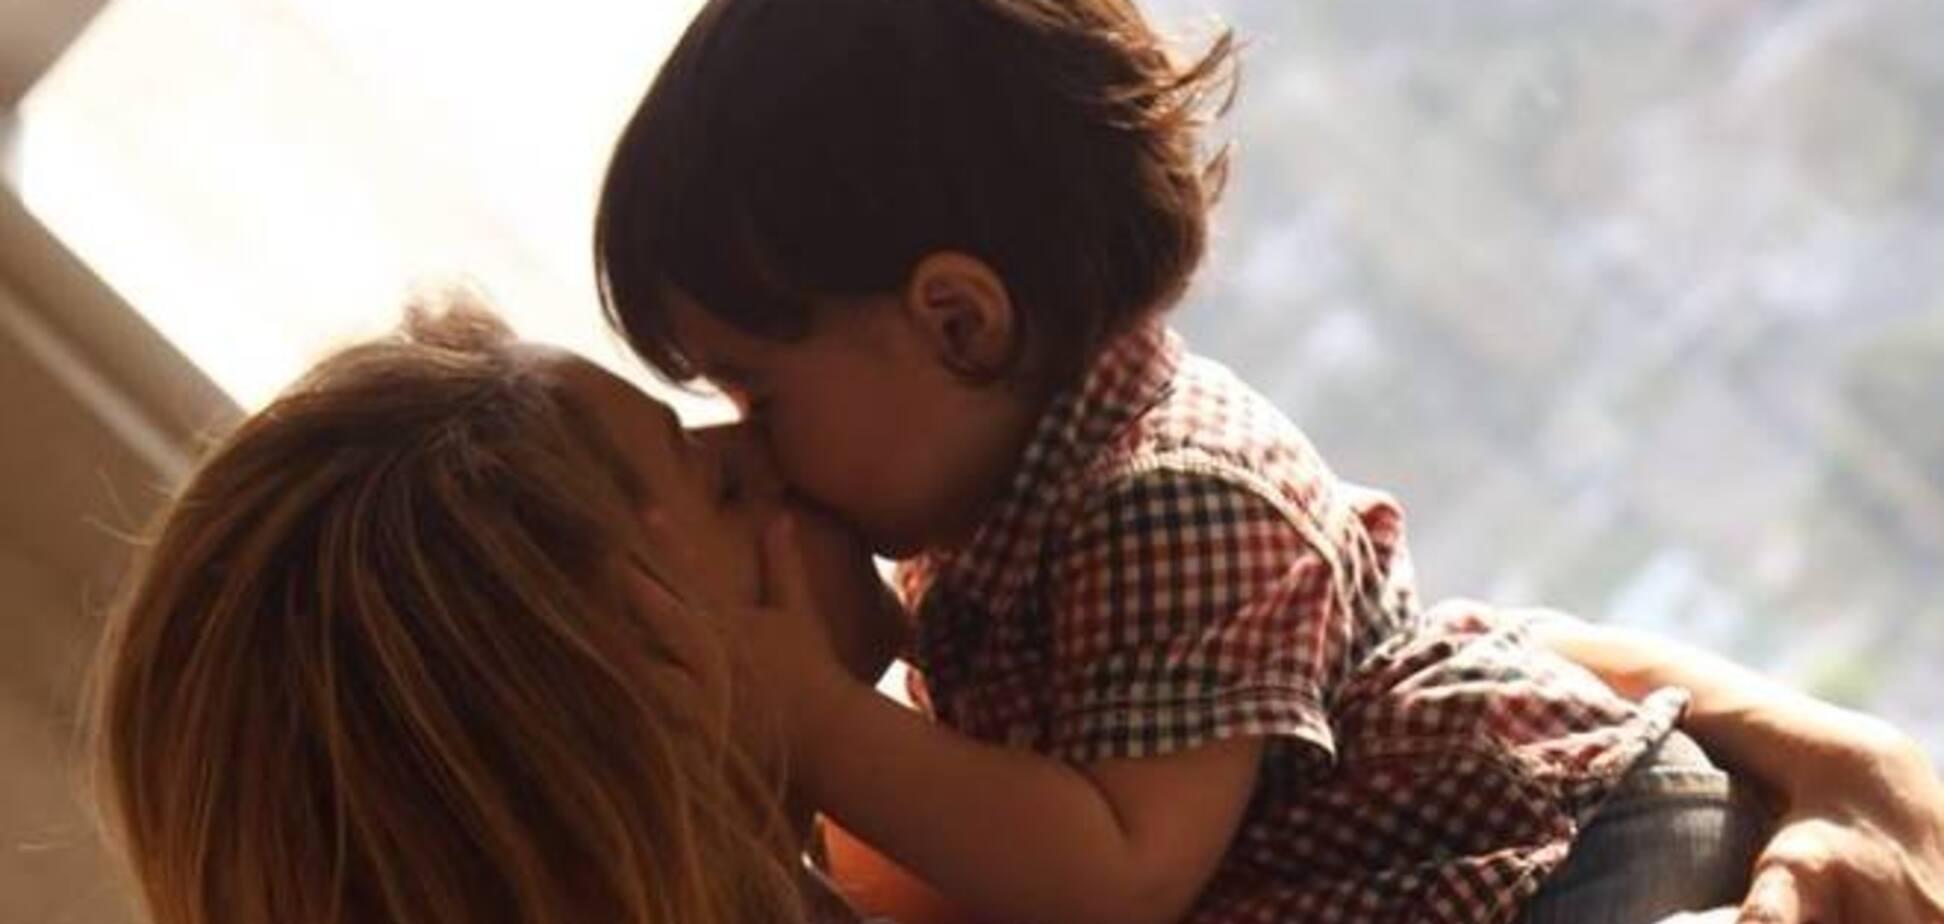 Видео Шакиры, на котором она учит сына читать, набрало бешеную популярность в сети